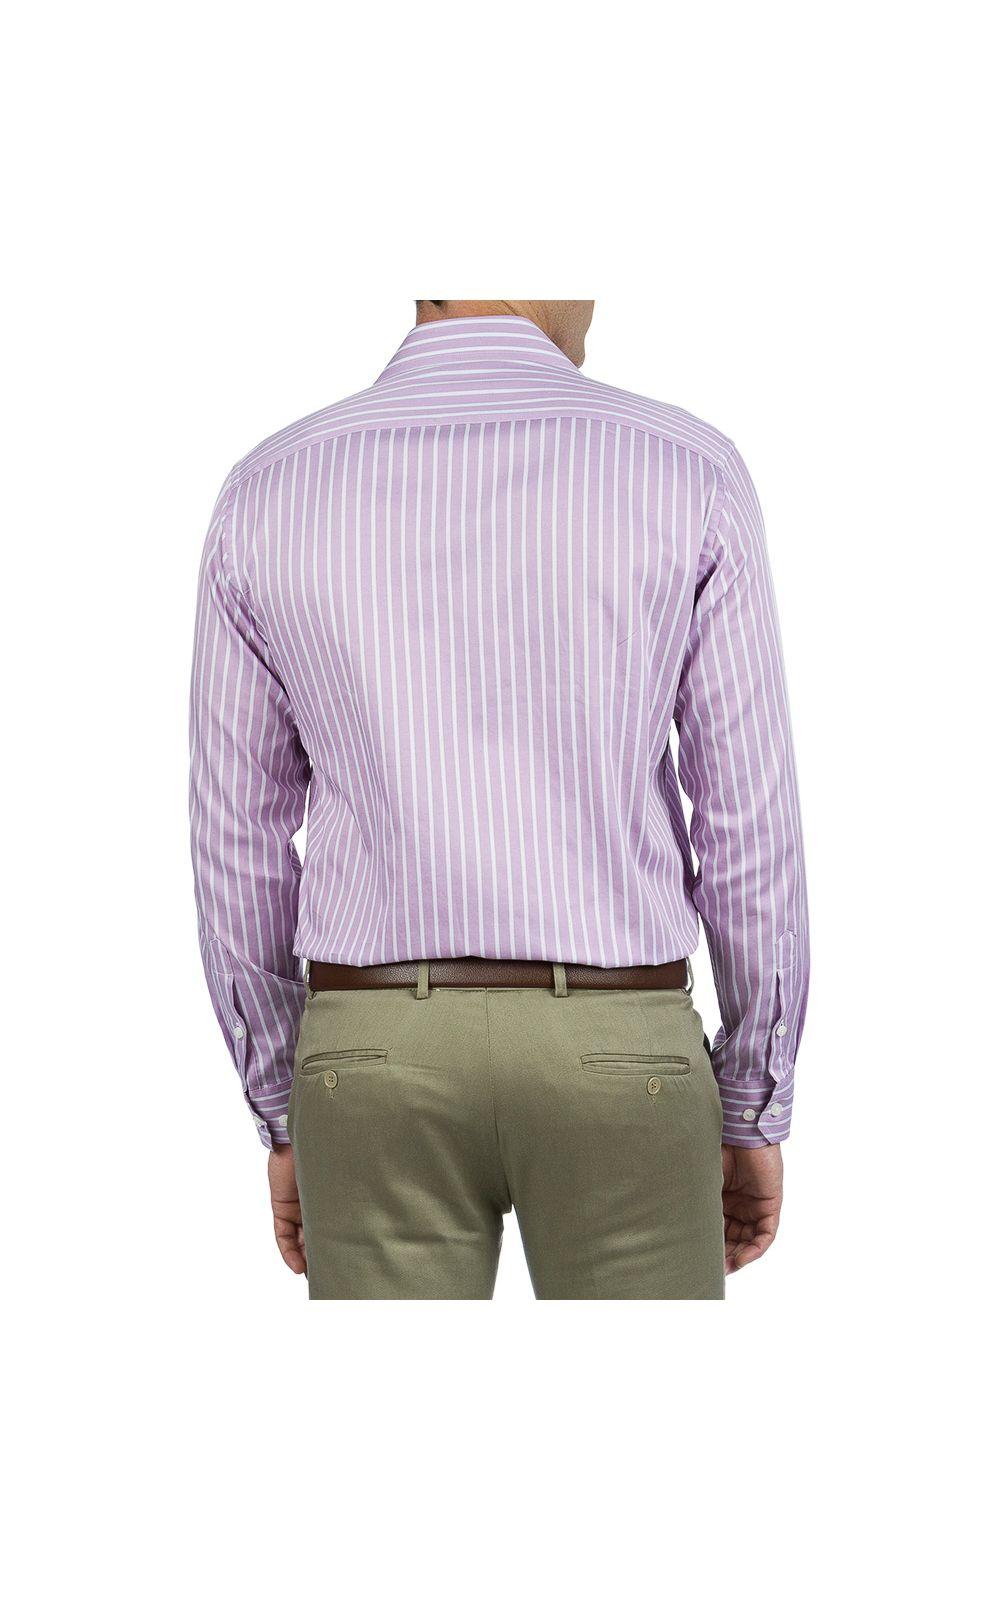 Foto 2 - Camisa Social Masculina Lilás Listrada